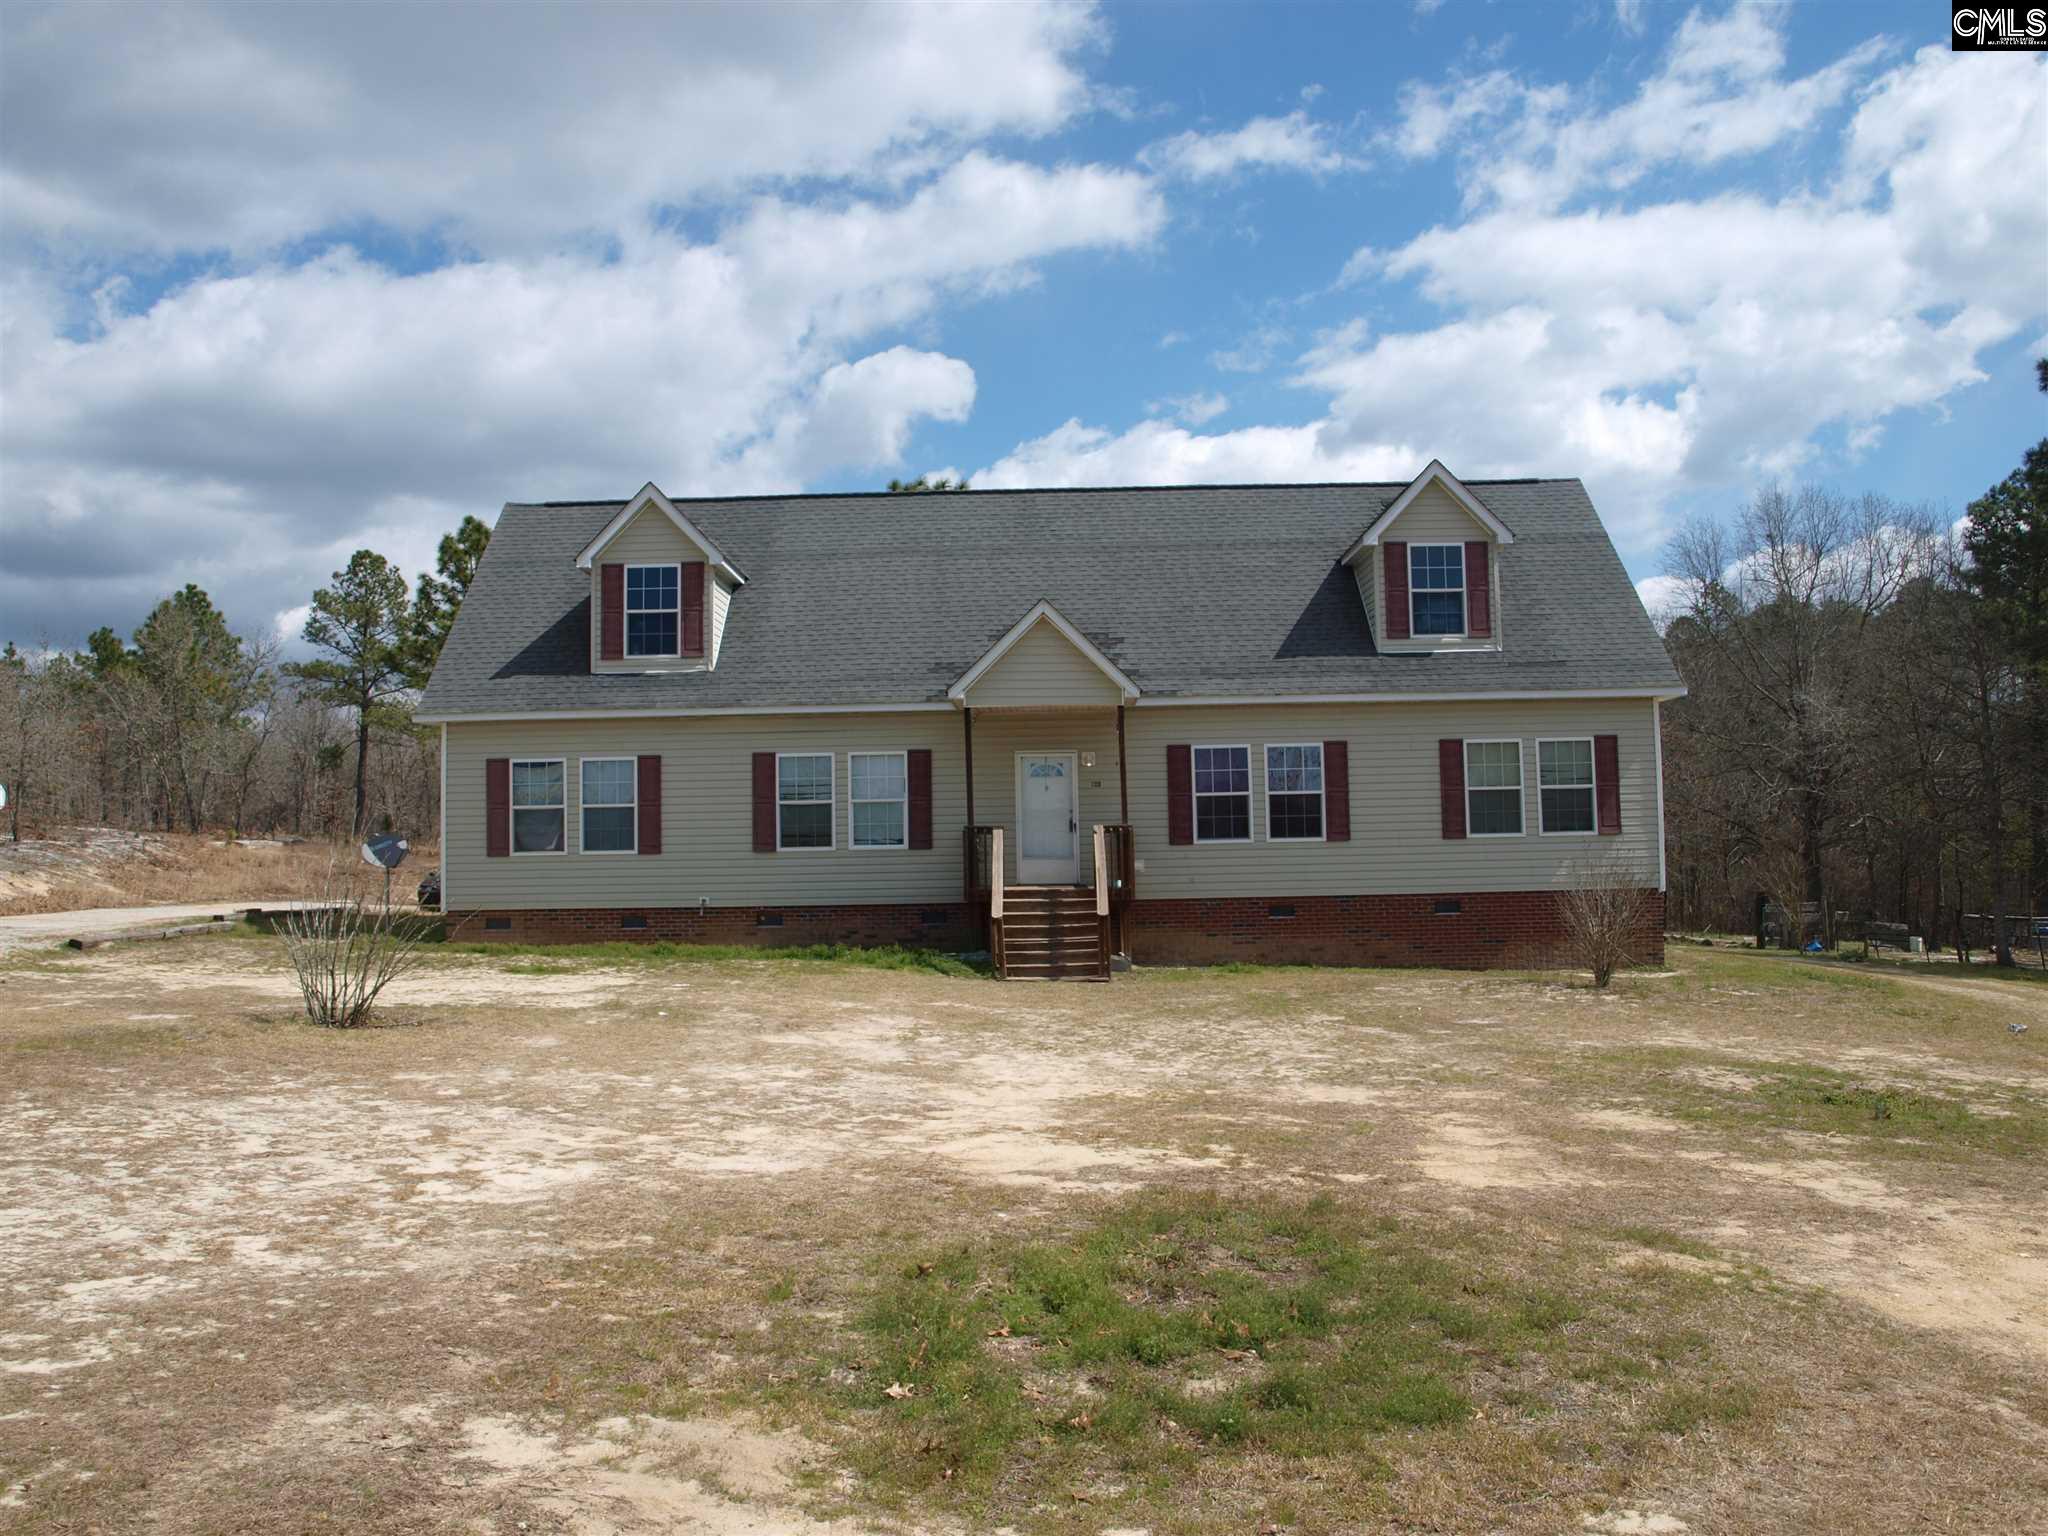 103  Wheeler Rd. Camden, SC 29020-8895